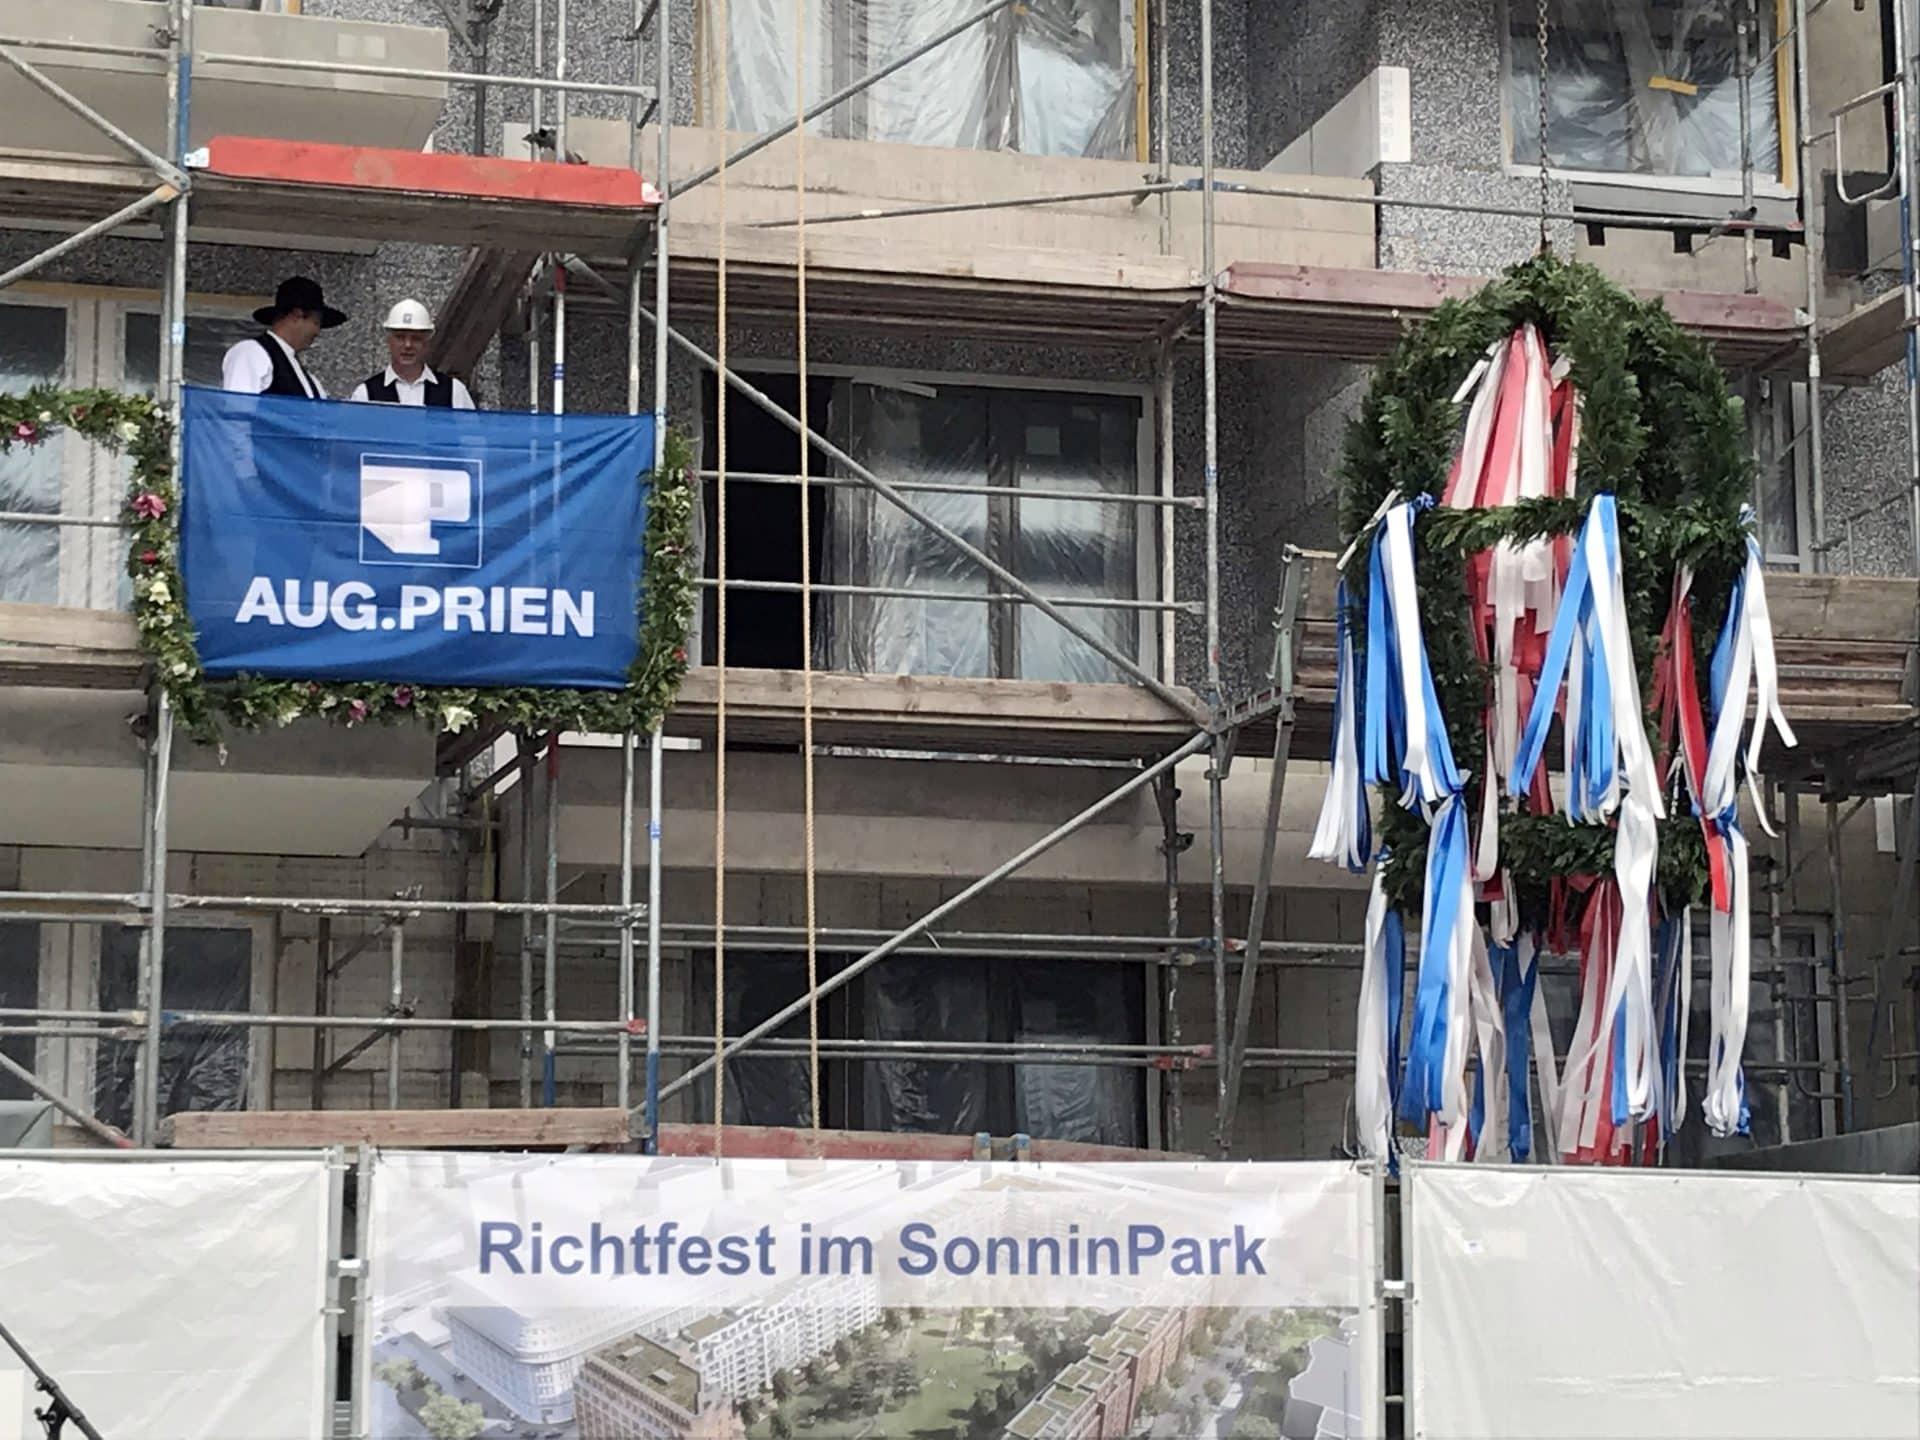 Richtfest im SonninPark